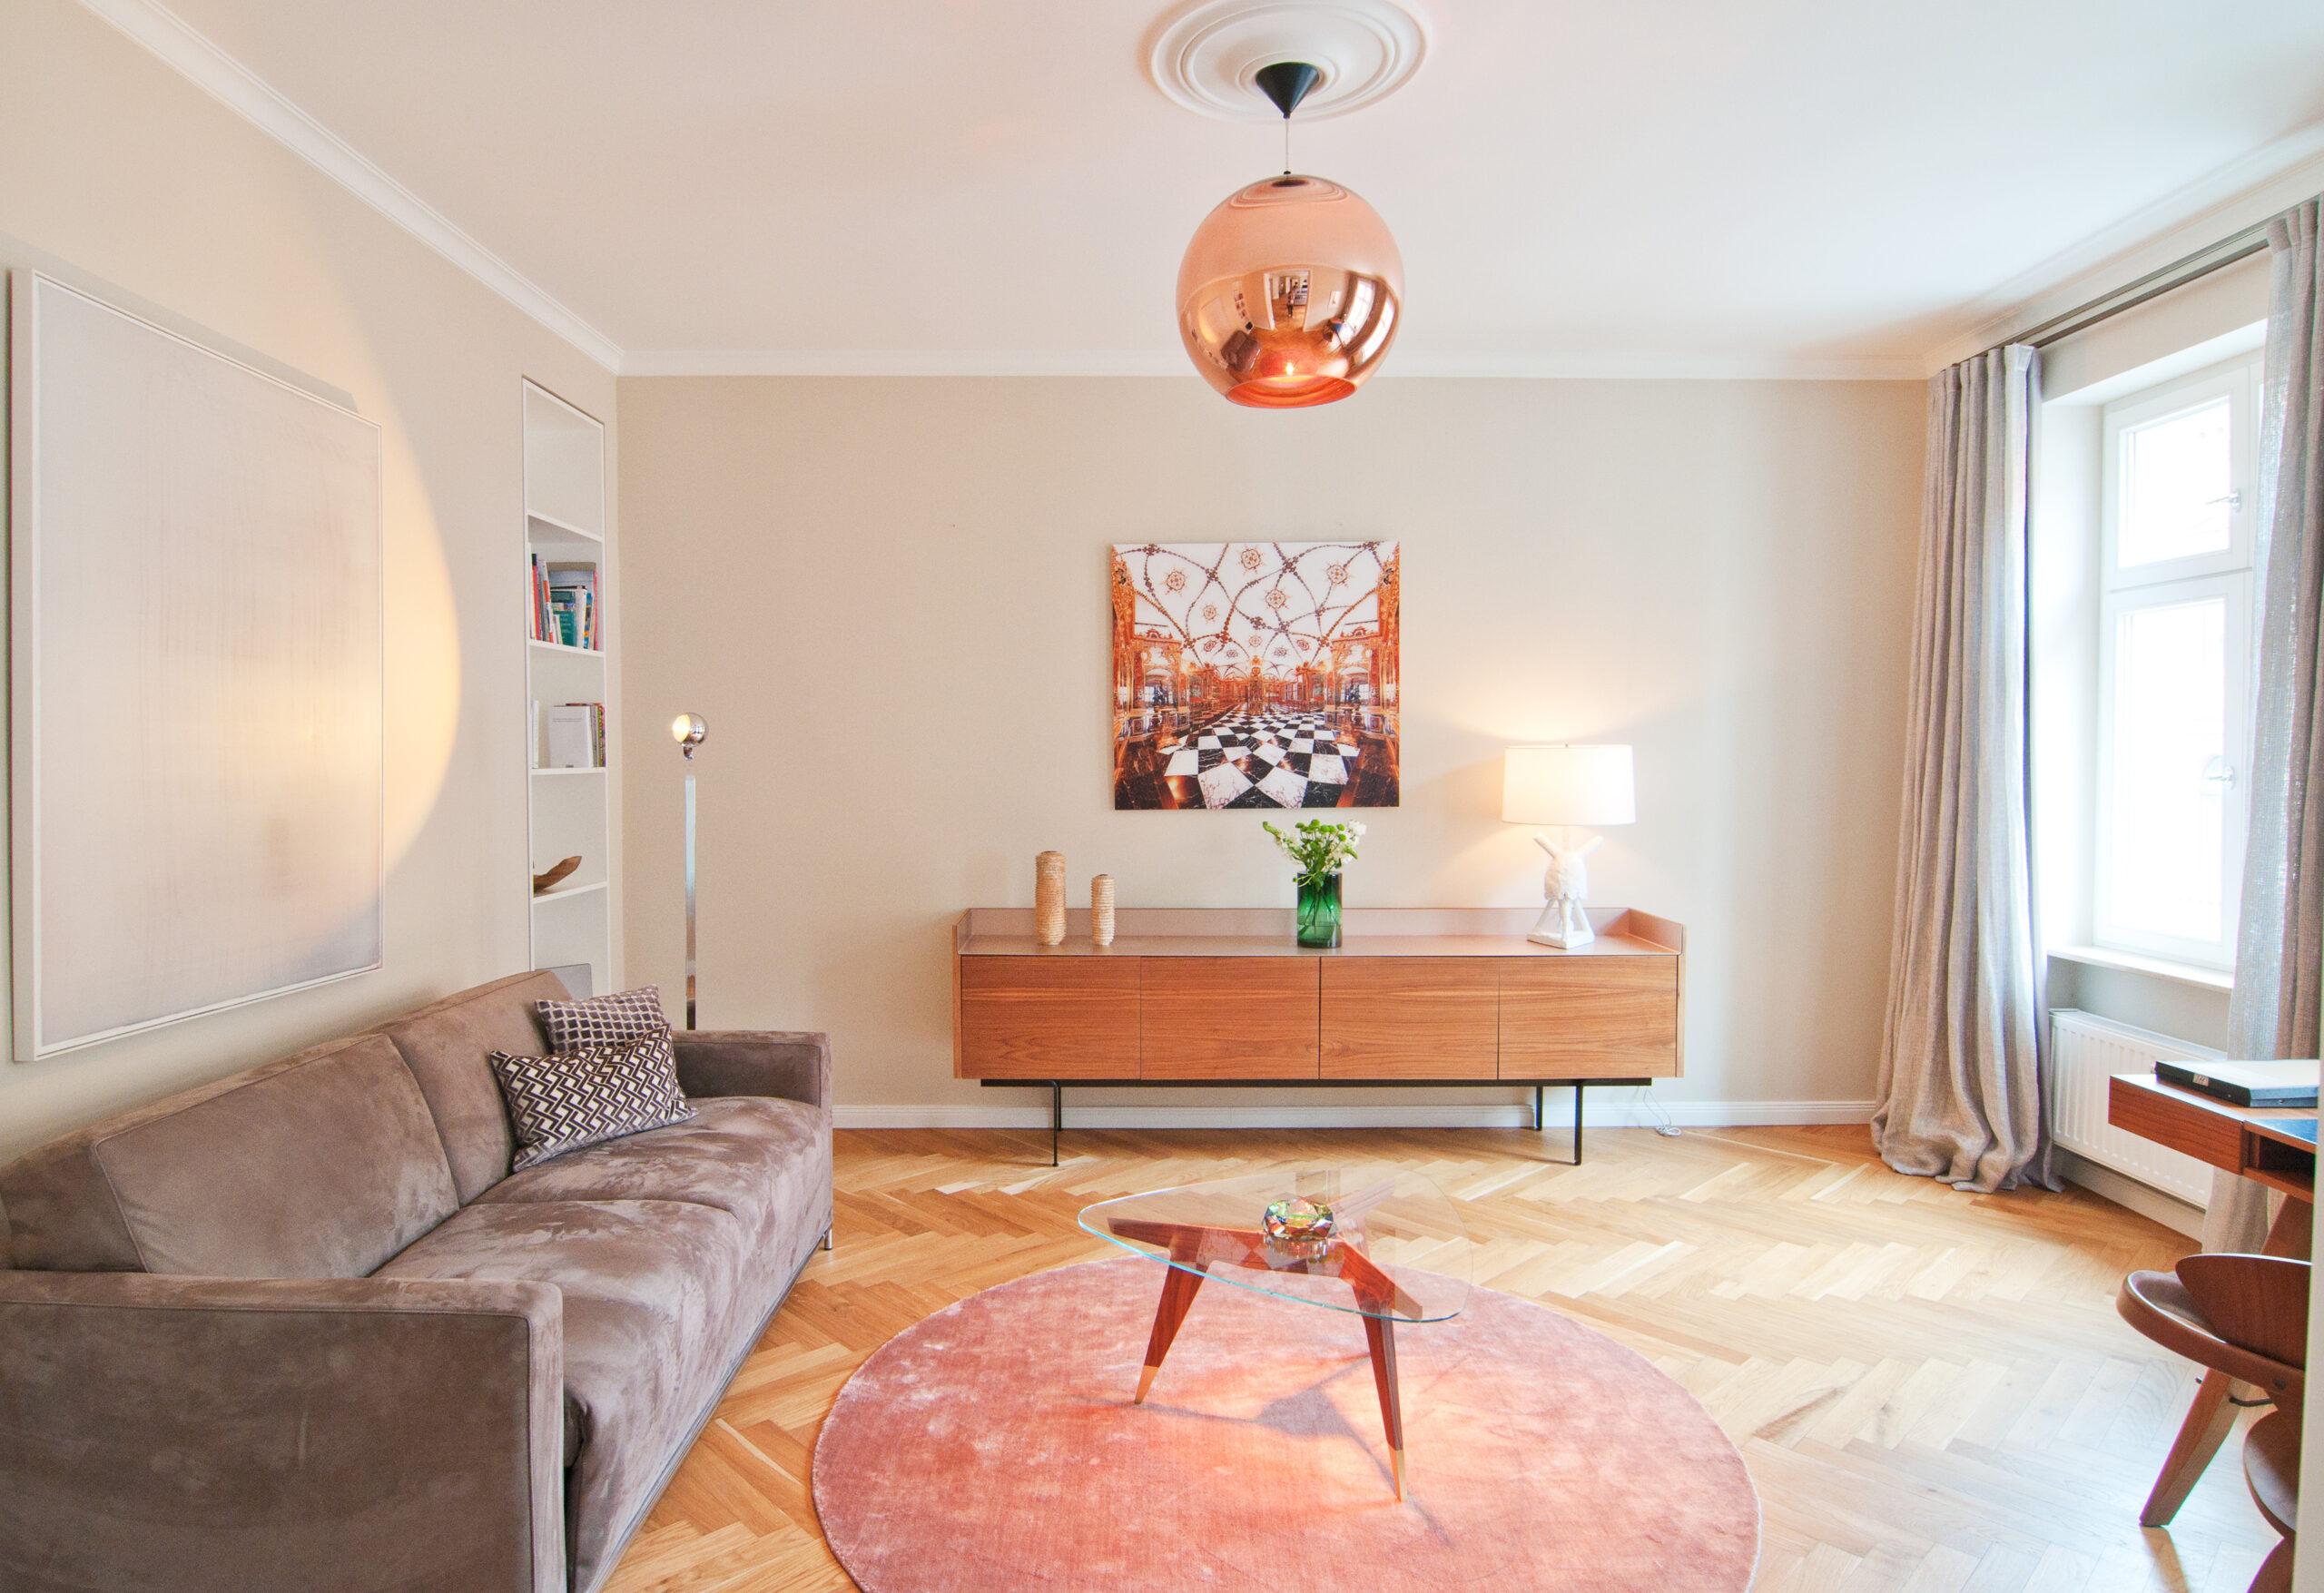 Full Size of Dachgeschosswohnung Einrichten Beispiele Wohnzimmer Kleine Ikea Pinterest Ideen Tipps Bilder Schlafzimmer Küche Badezimmer Wohnzimmer Dachgeschosswohnung Einrichten